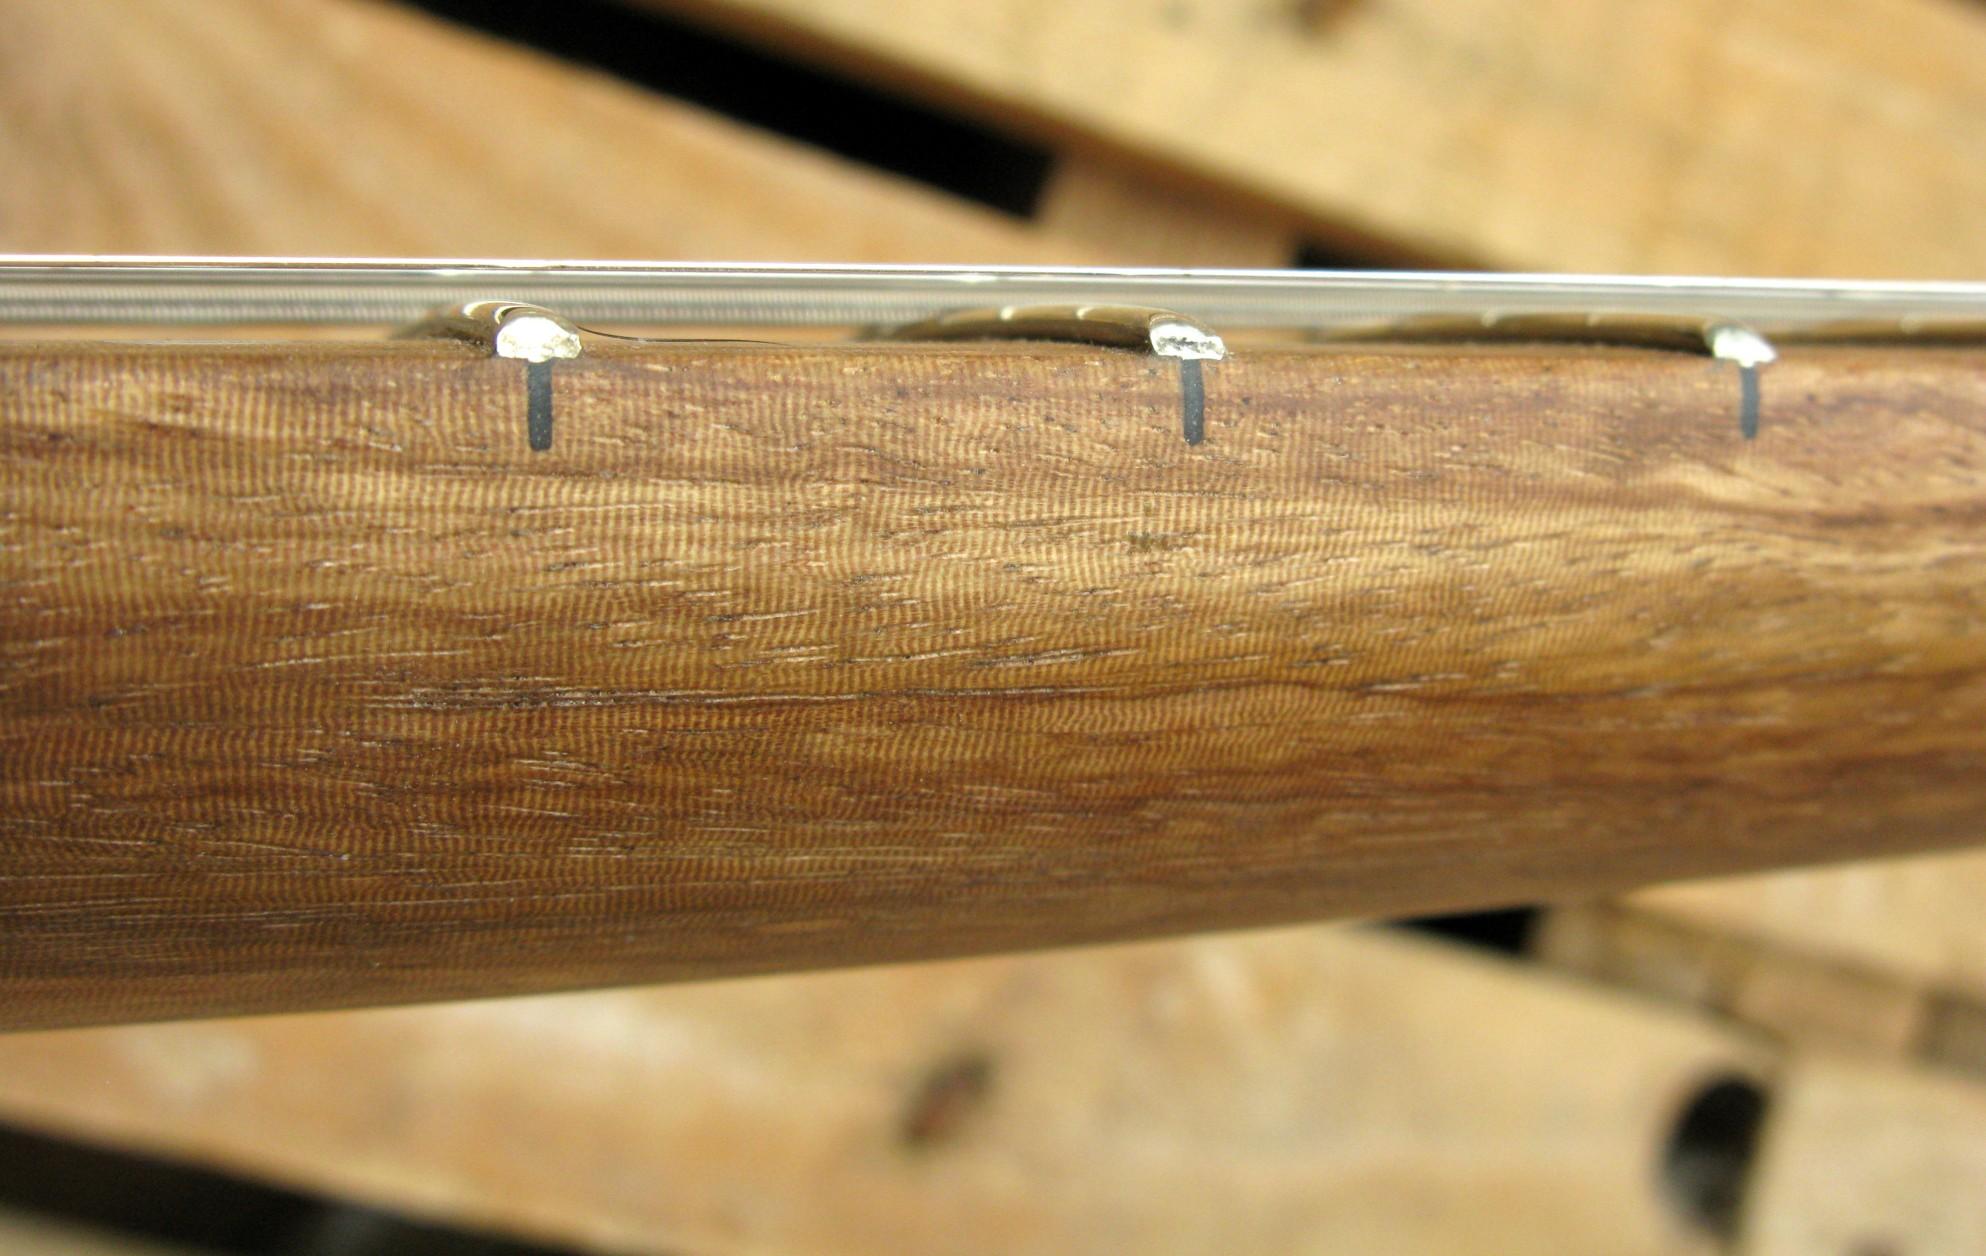 Dettaglio laterale di un manico in zebrano di una Telecaster in pioppo